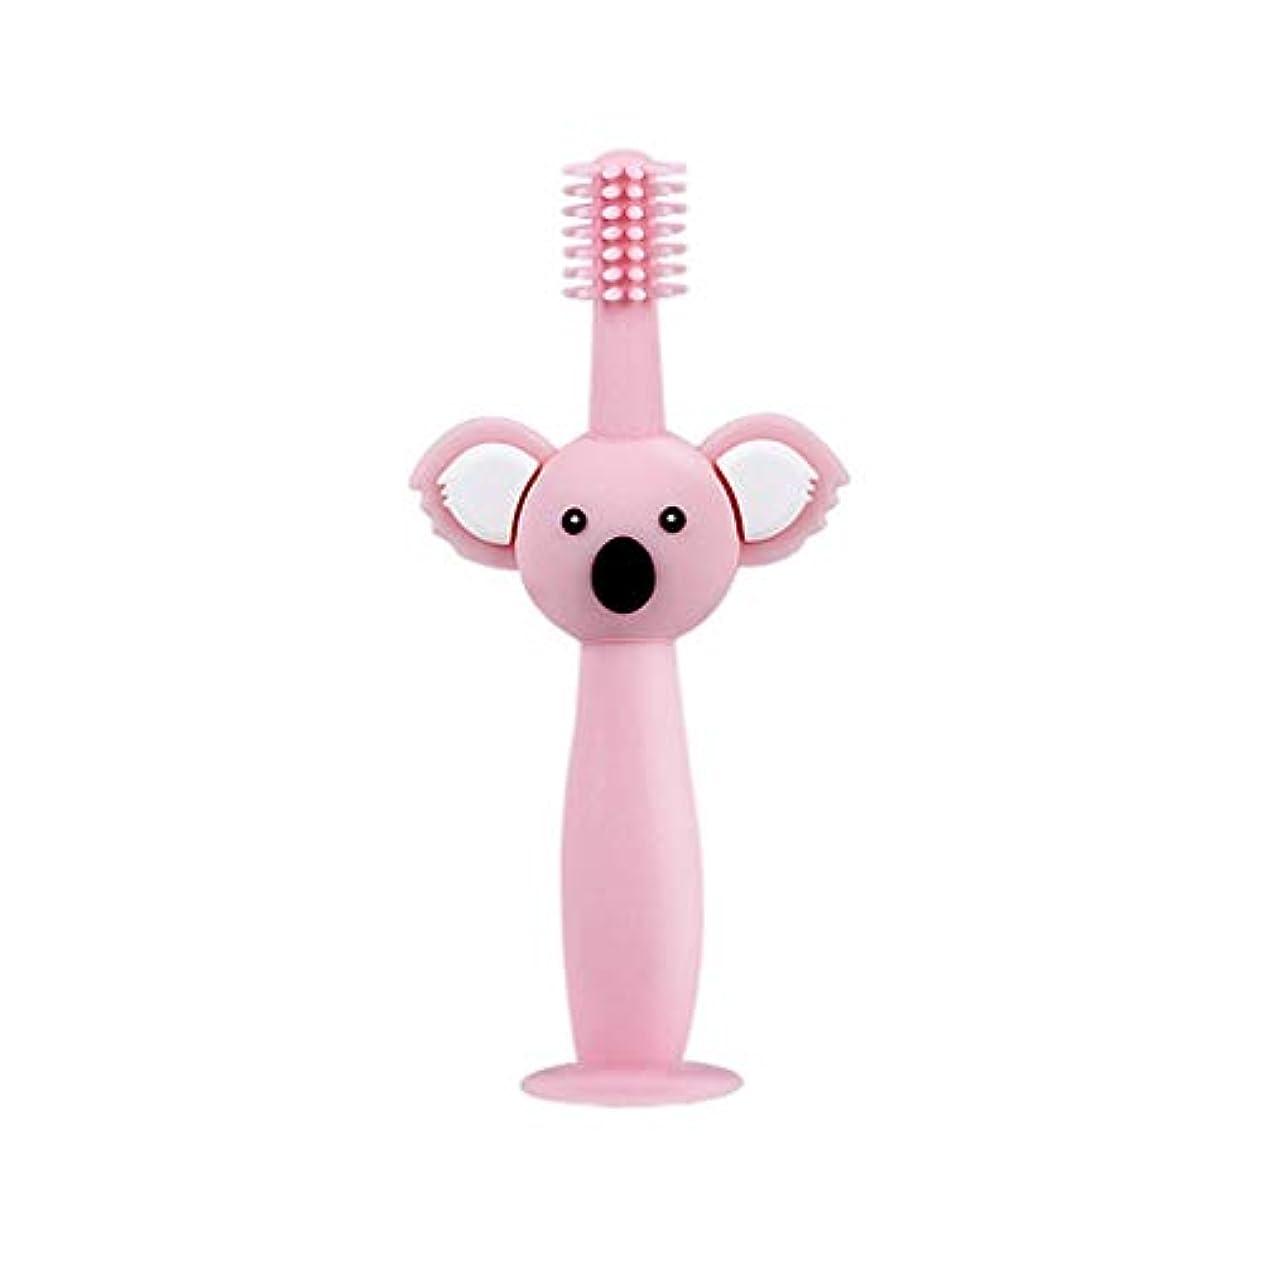 効能あるレンディション少なくともBiuuu 360°赤ちゃん歯ブラシコアラ頭ハンドル幼児ブラッシング歯トレーニング安全なデザインソフト健康シリコーン幼児口腔ケア (ピンク)